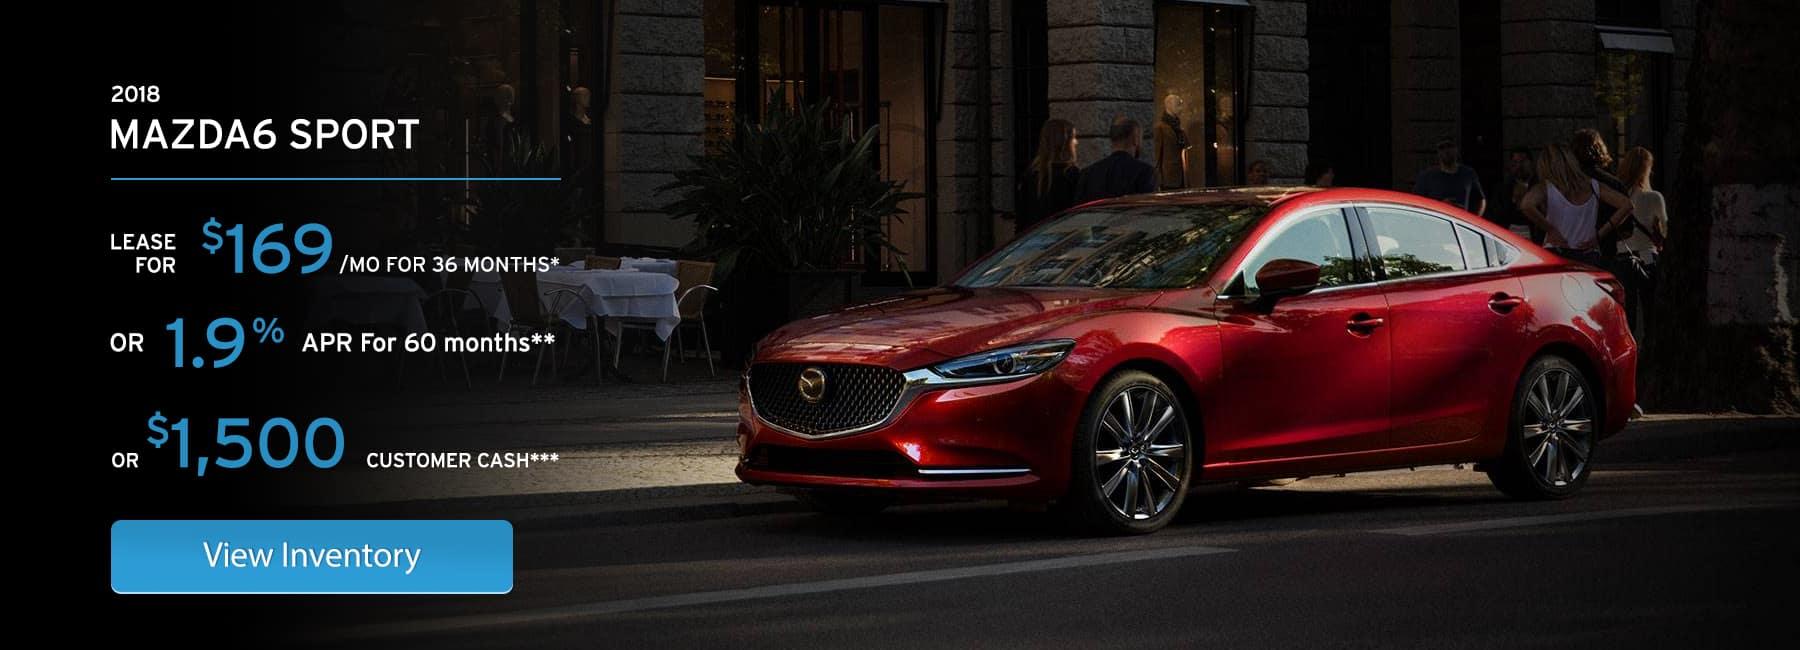 Mazda6 Offer in Elgin